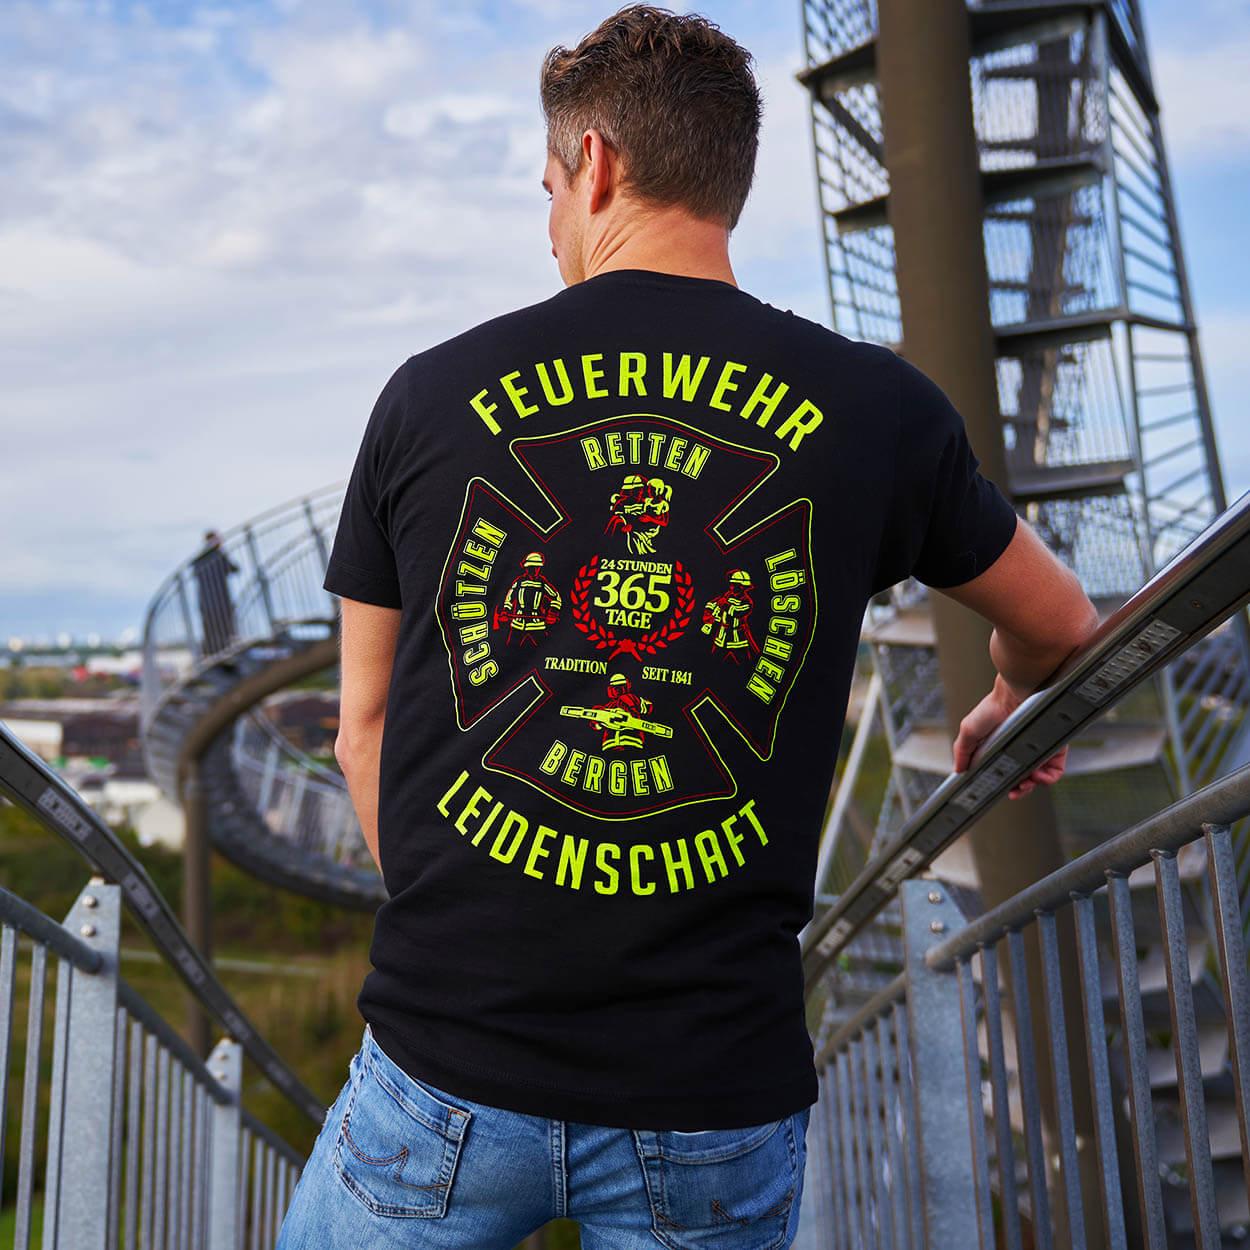 Leidenschaft Feuerwehrmann T-Shirt